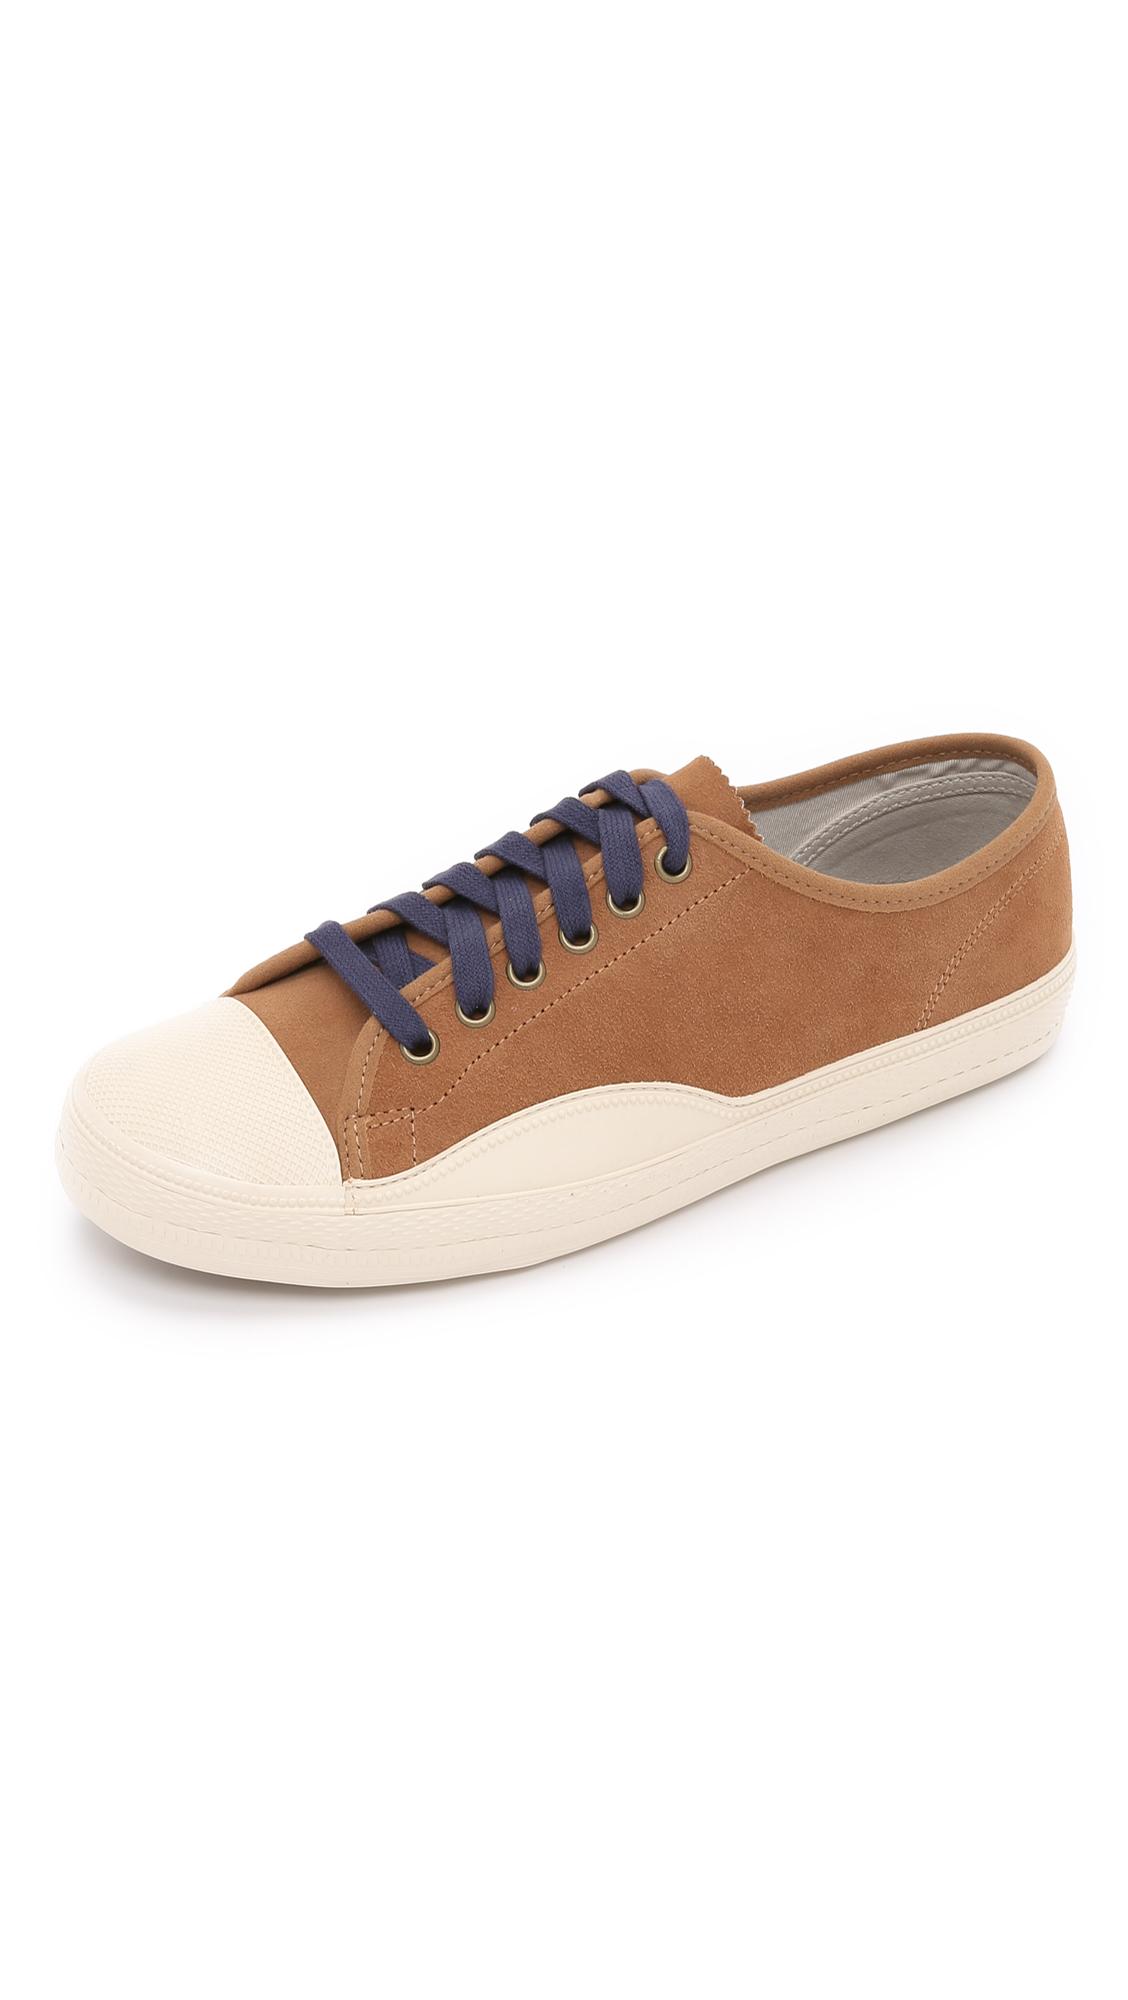 Tretorn Men S Shoes Cheap